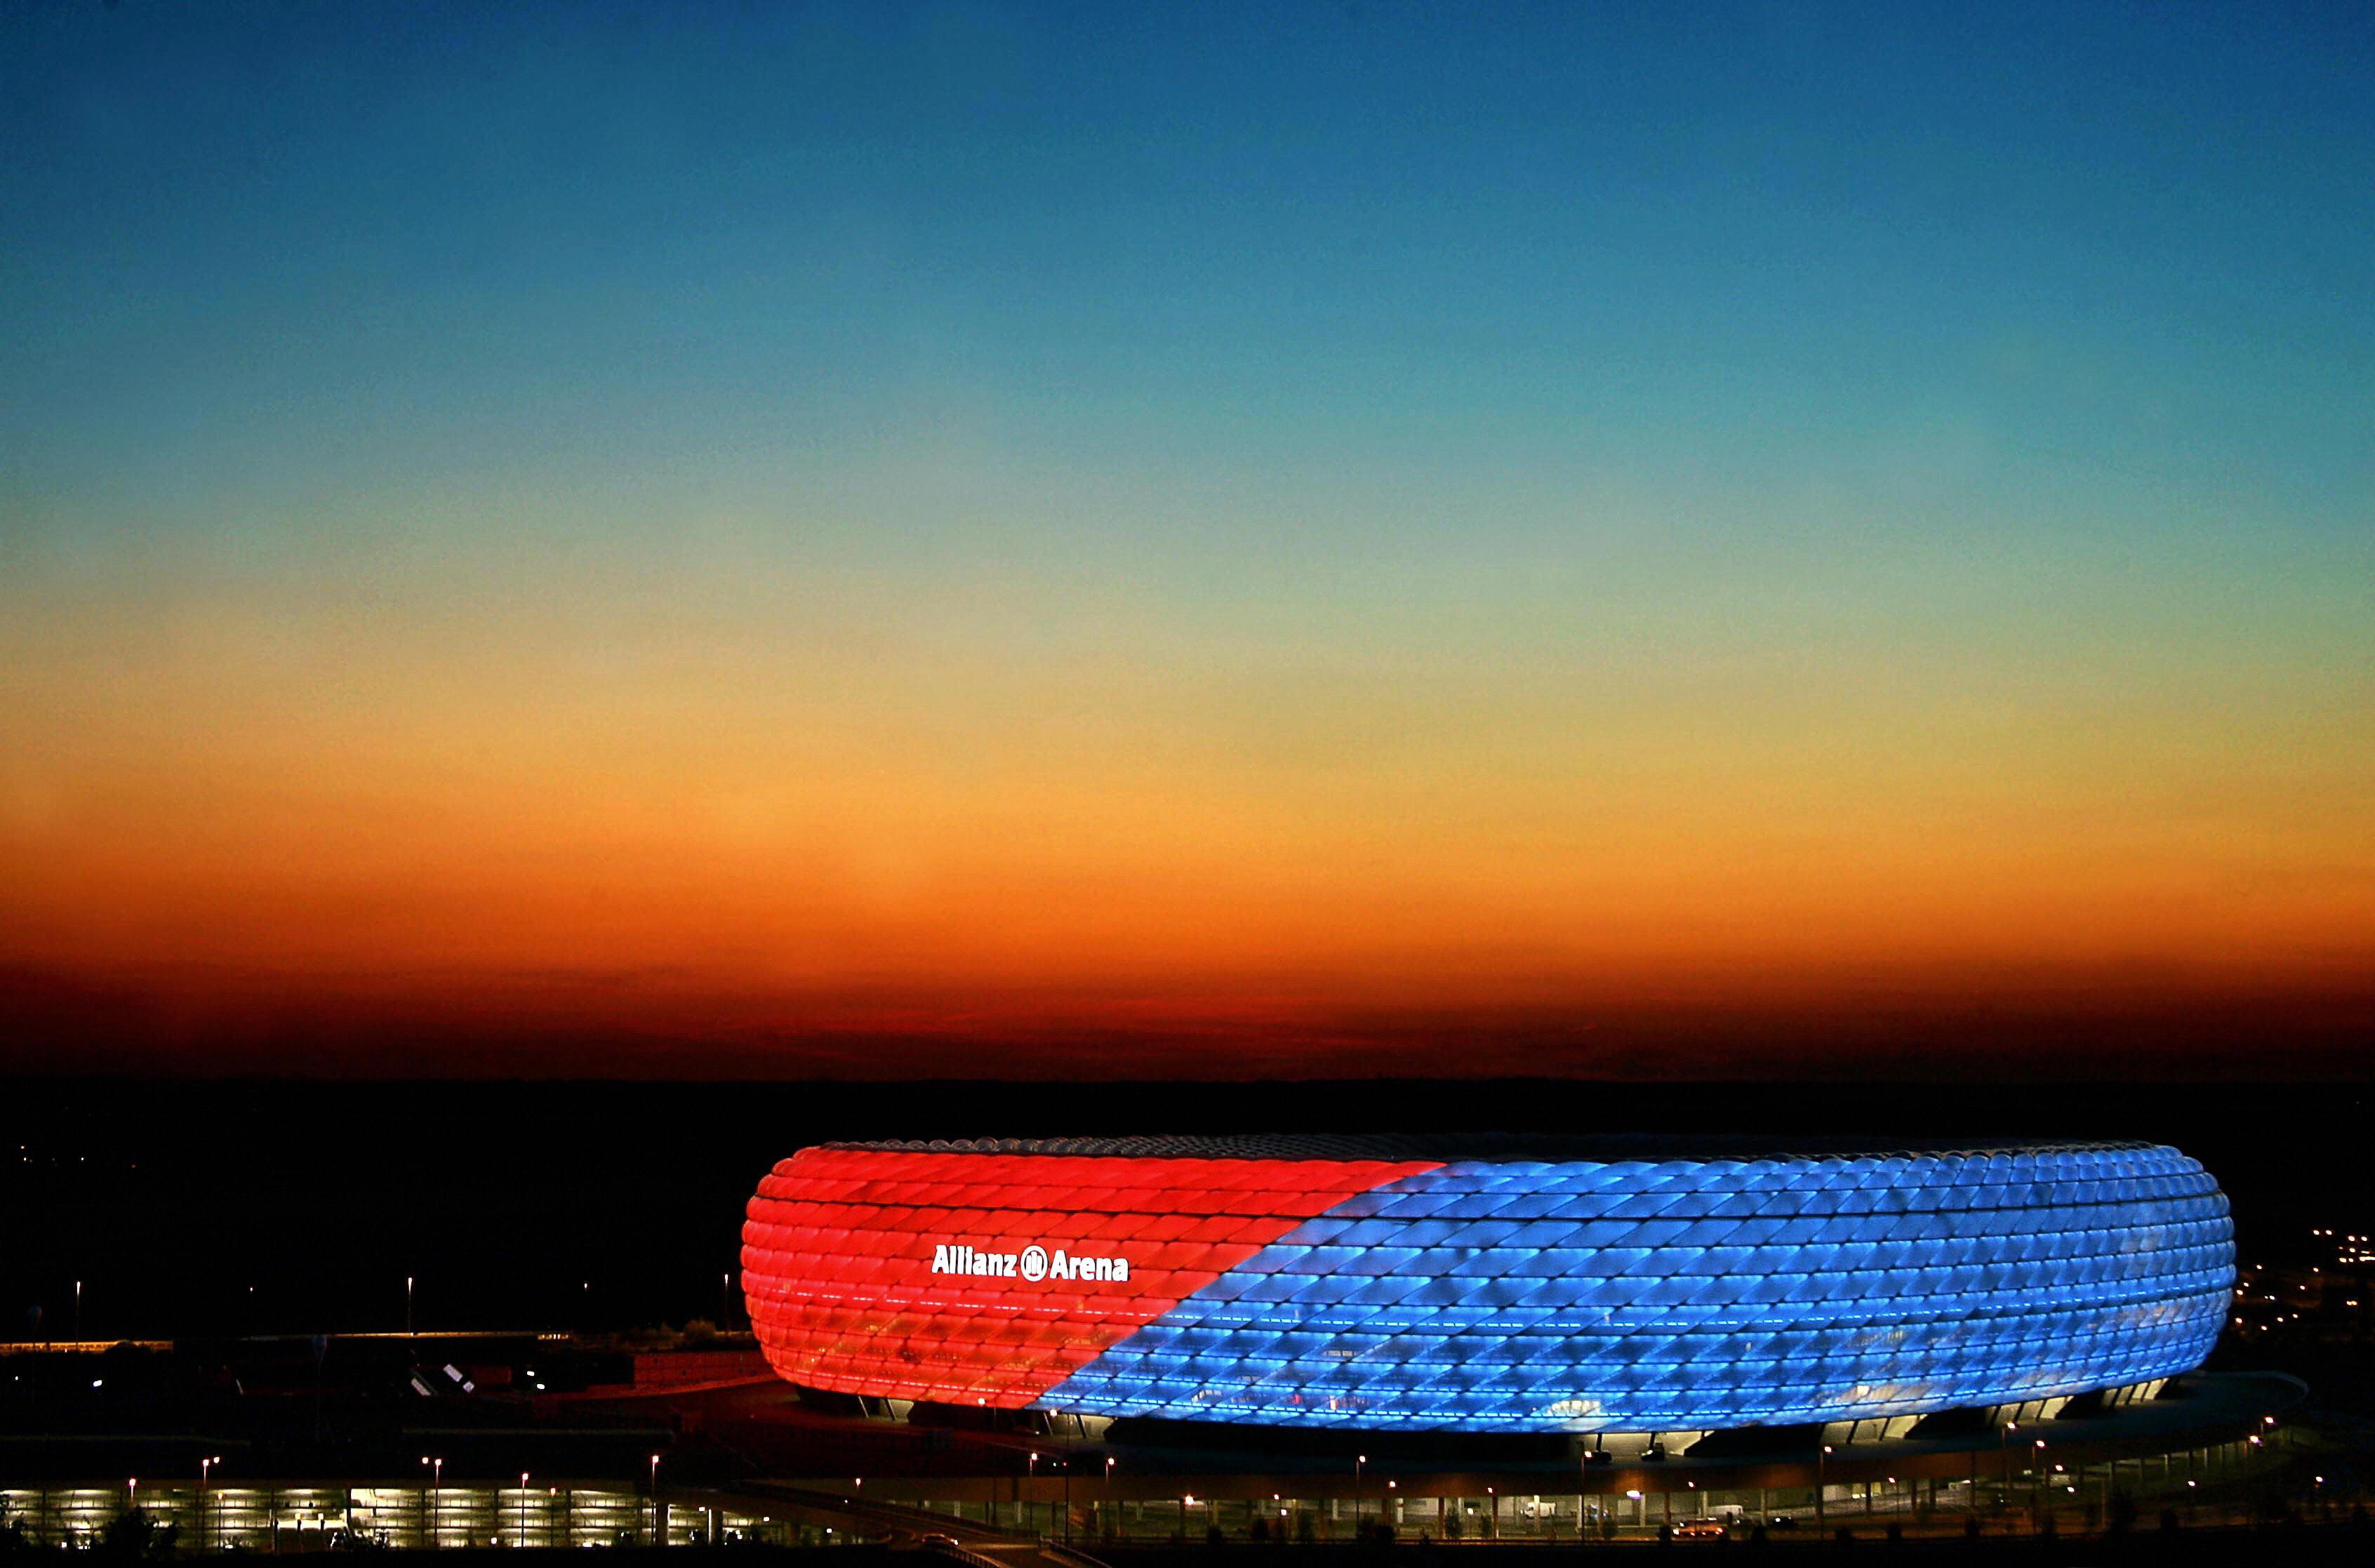 Allianz Arena stadio